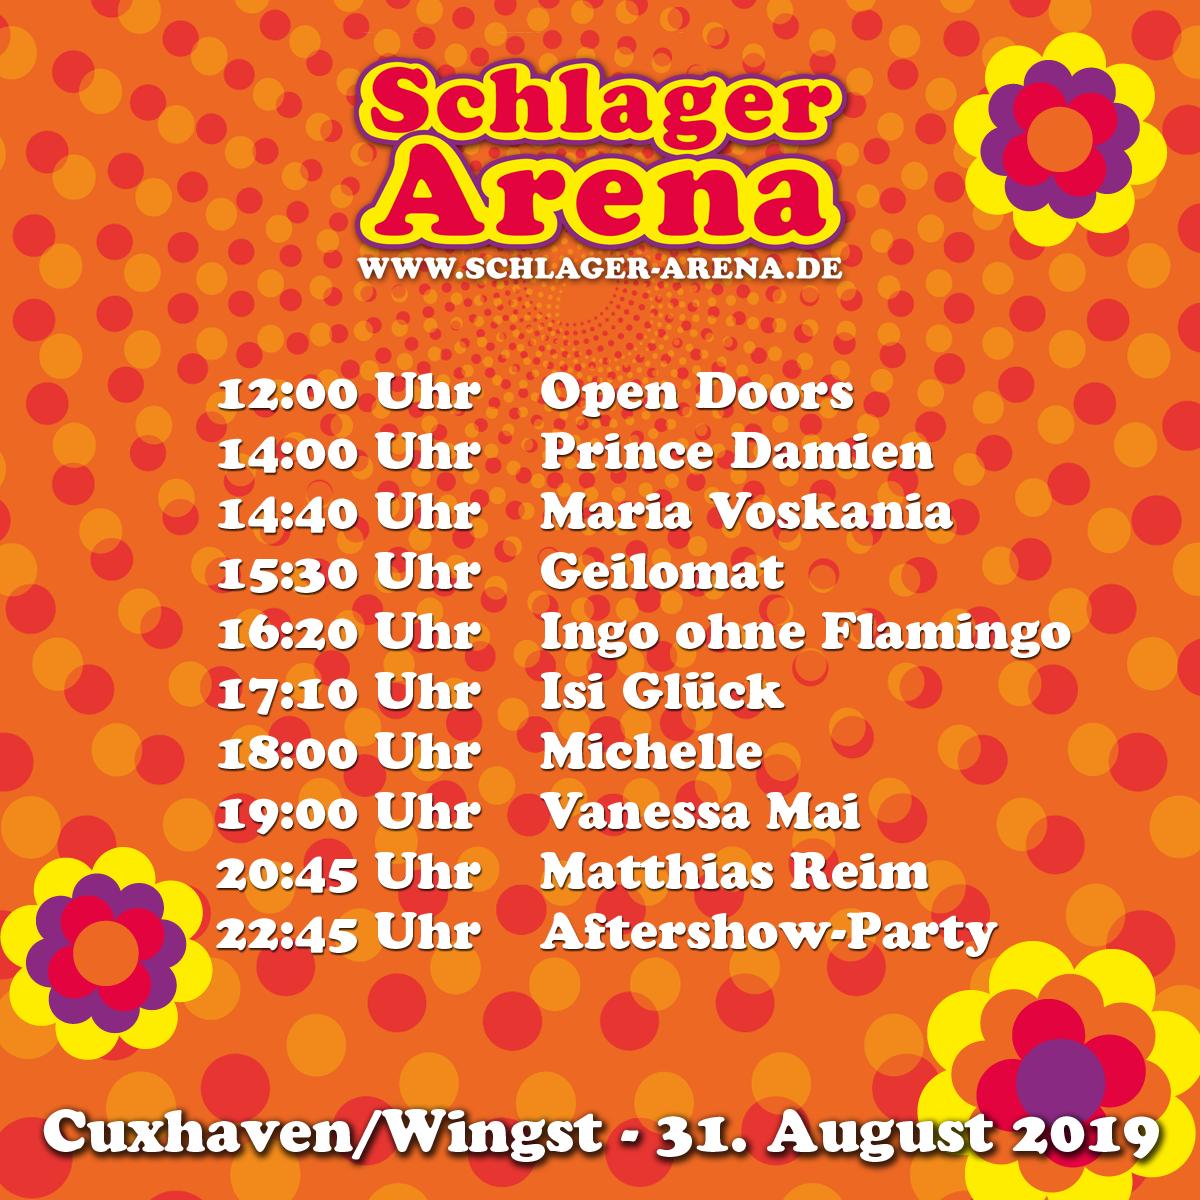 Schlager Arena Zeitplan